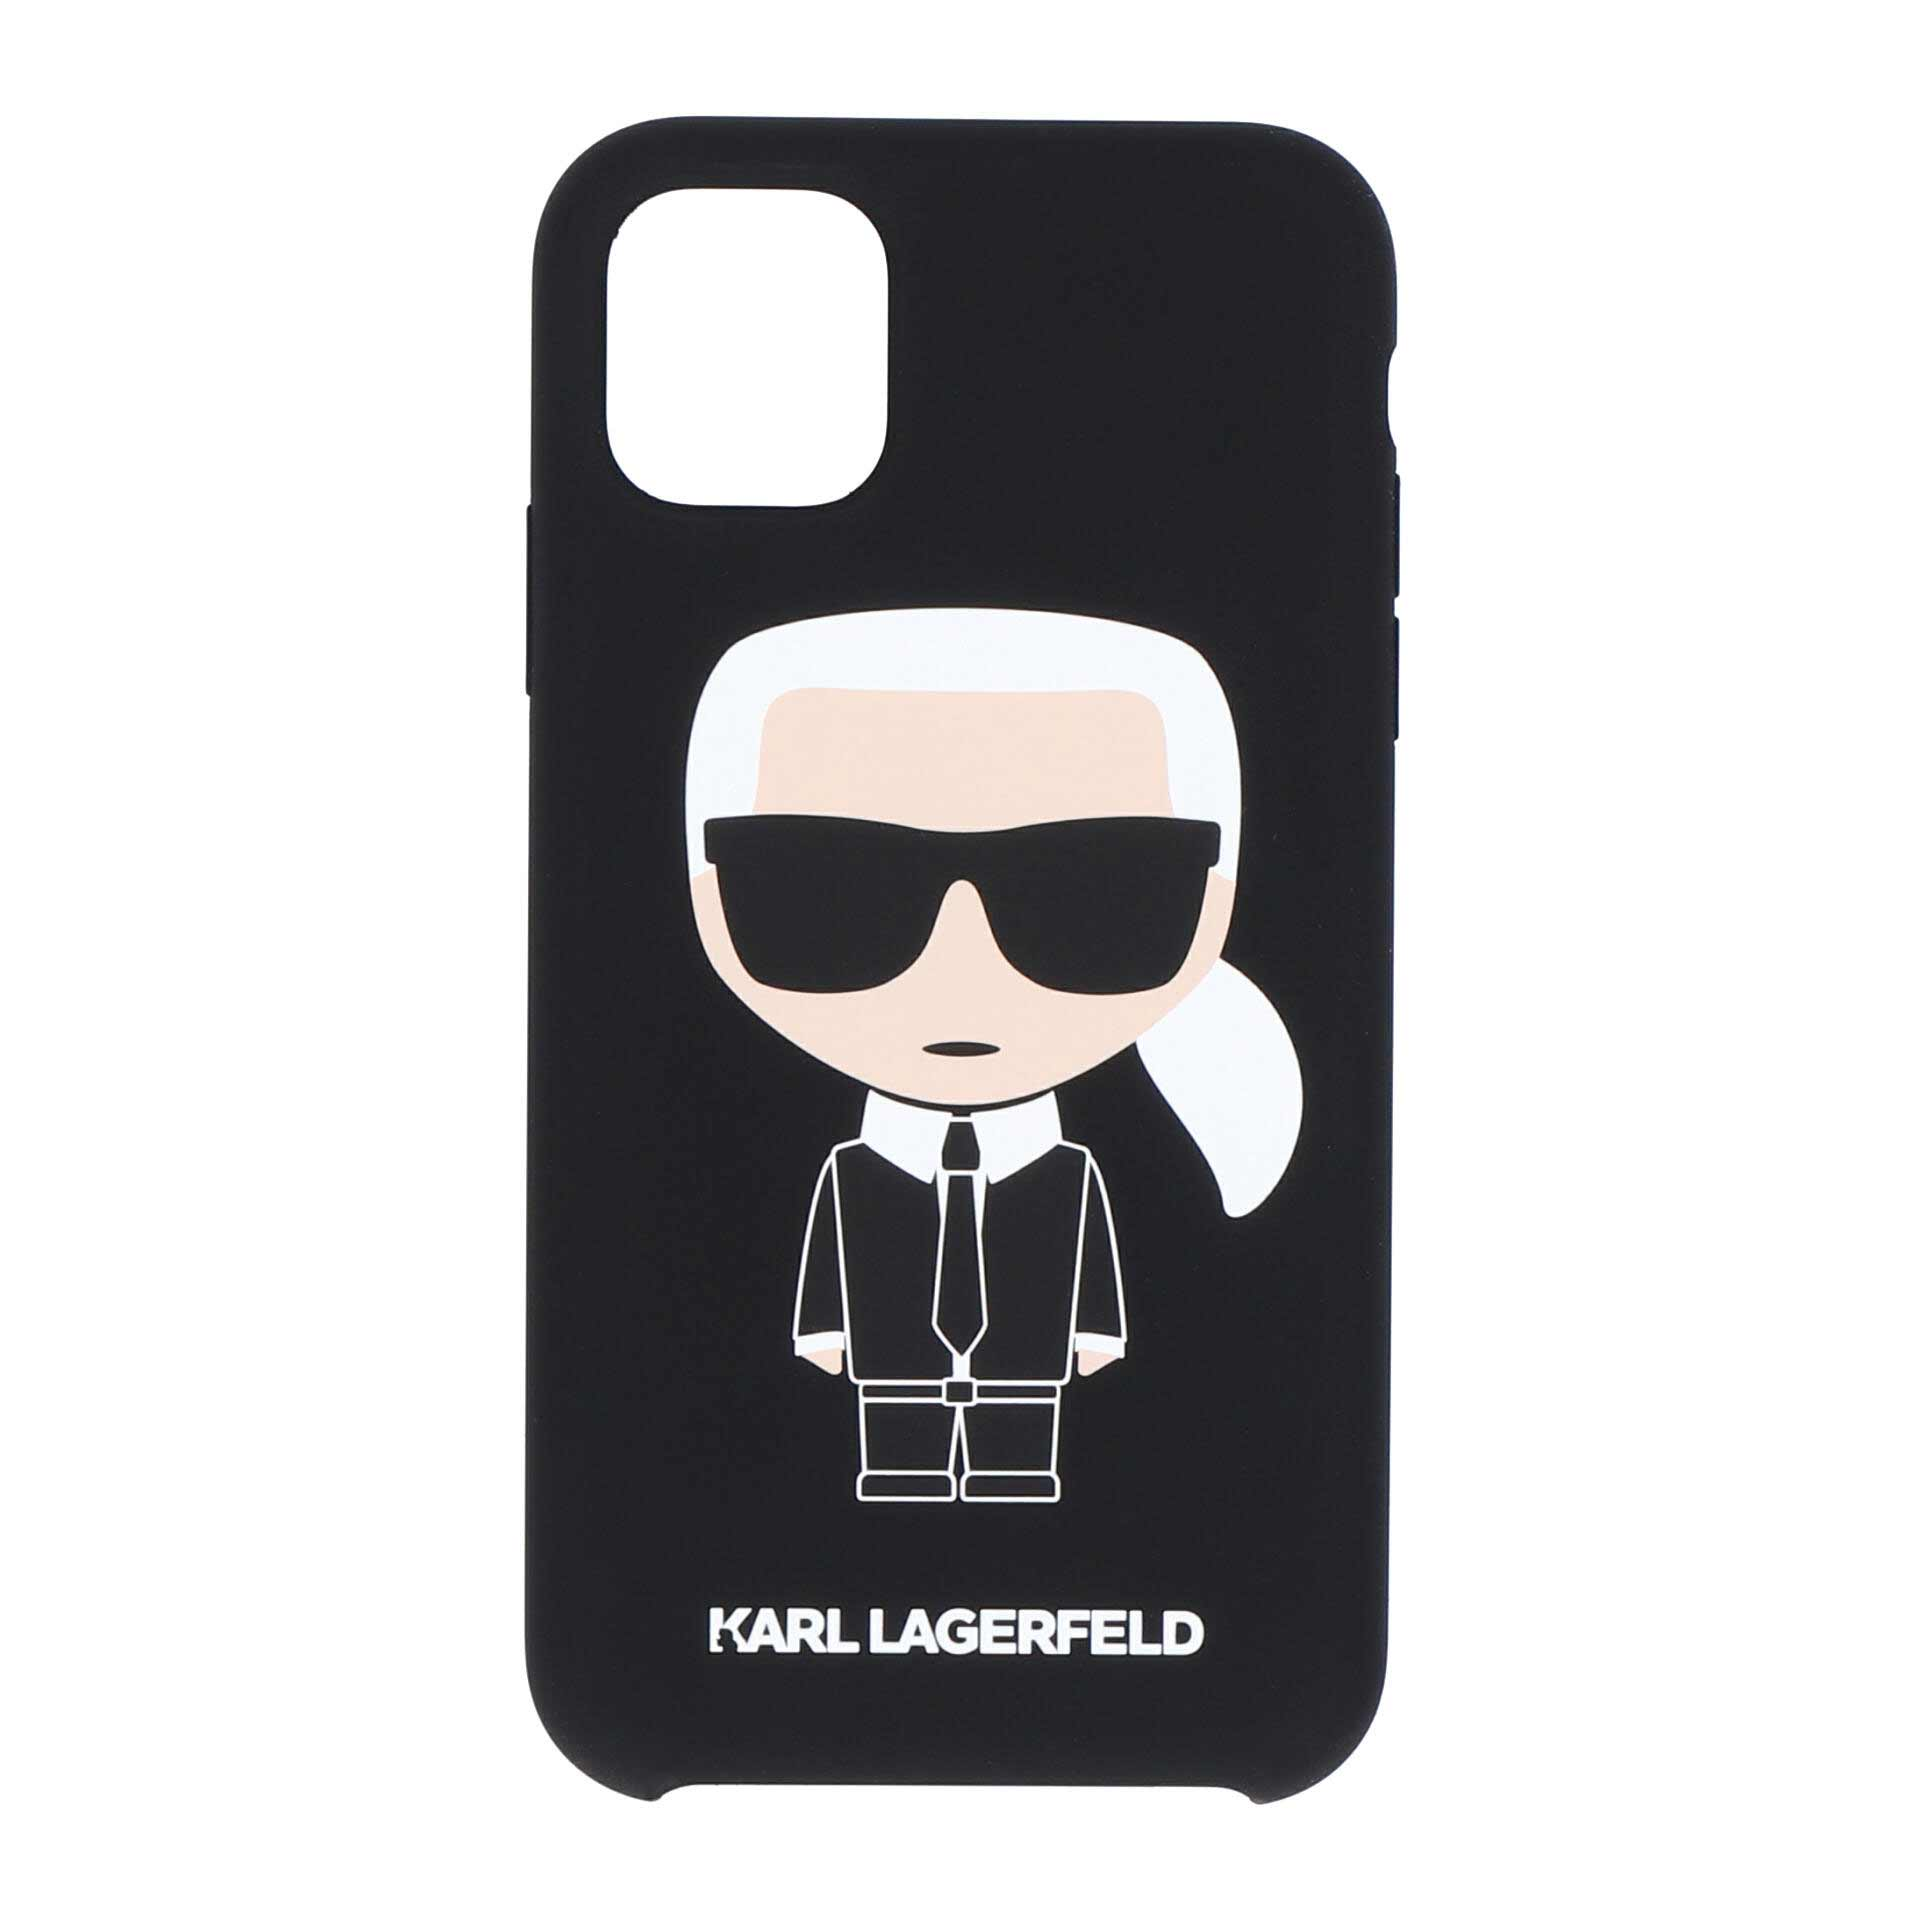 K/Ikonik Handyhülle für iPhone 11 black